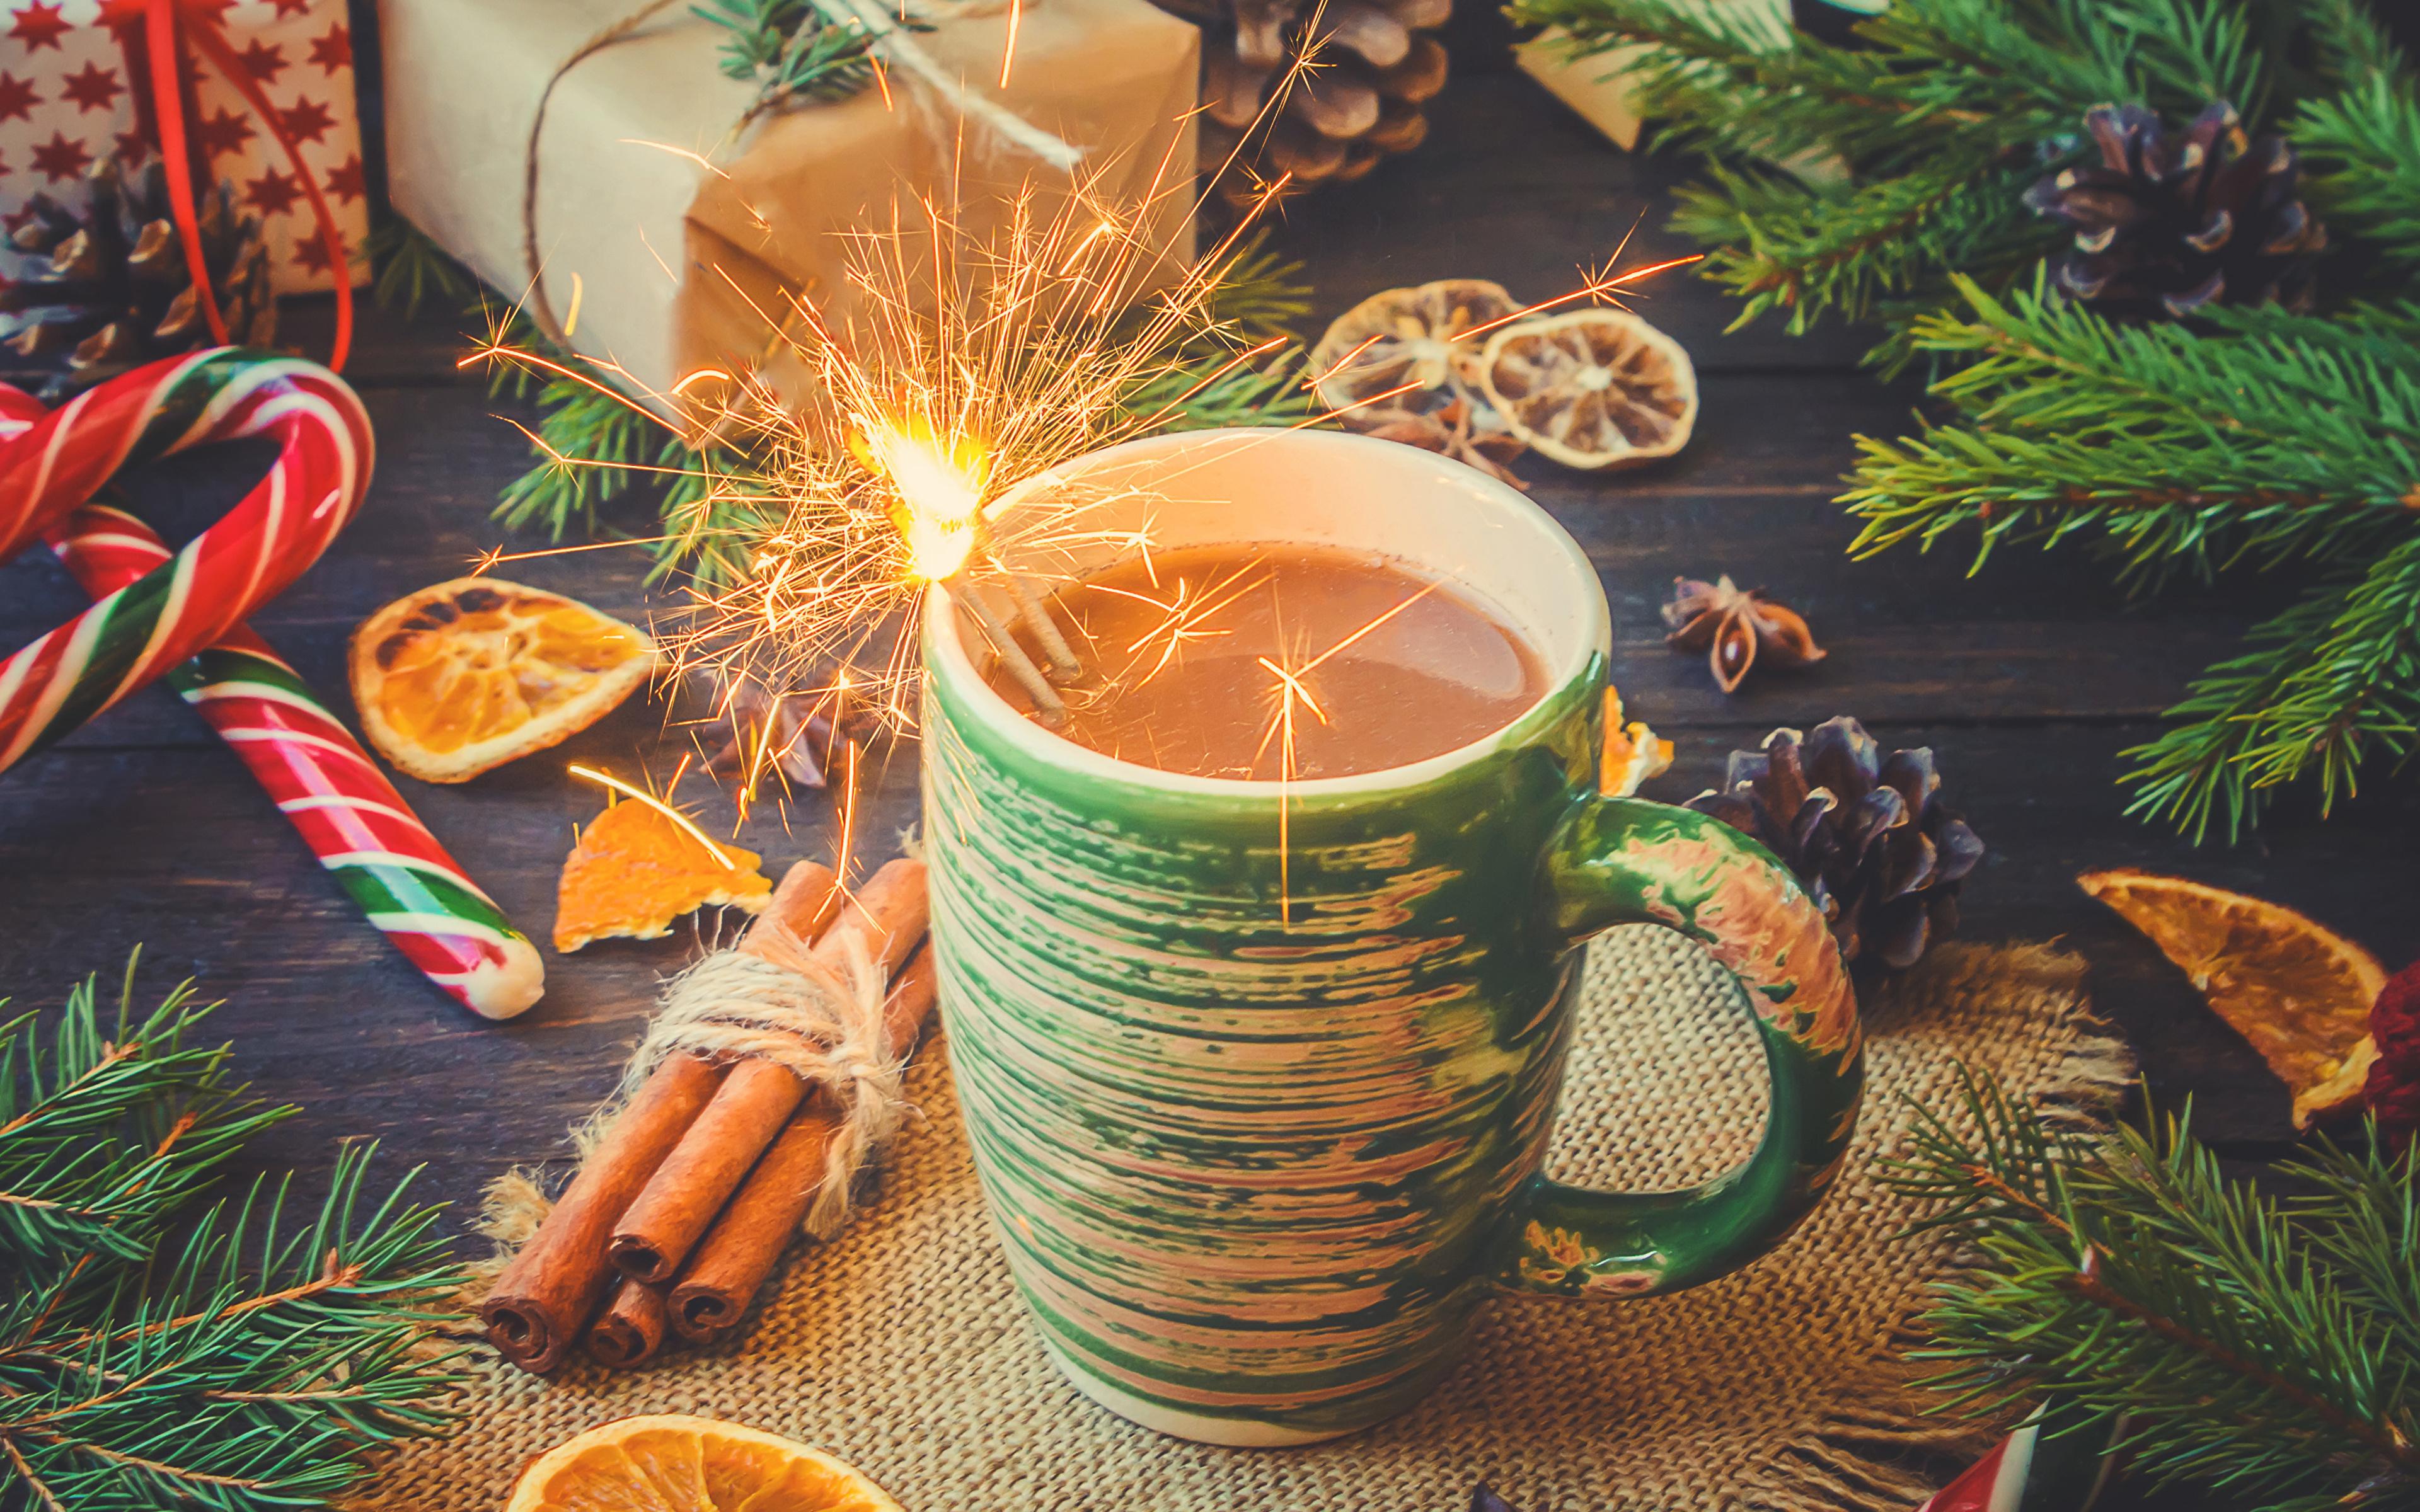 Фотография Новый год Бенгальские огни Какао напиток Корица Еда чашке сладкая еда 3840x2400 Рождество Горячий шоколад Пища Чашка Продукты питания Сладости